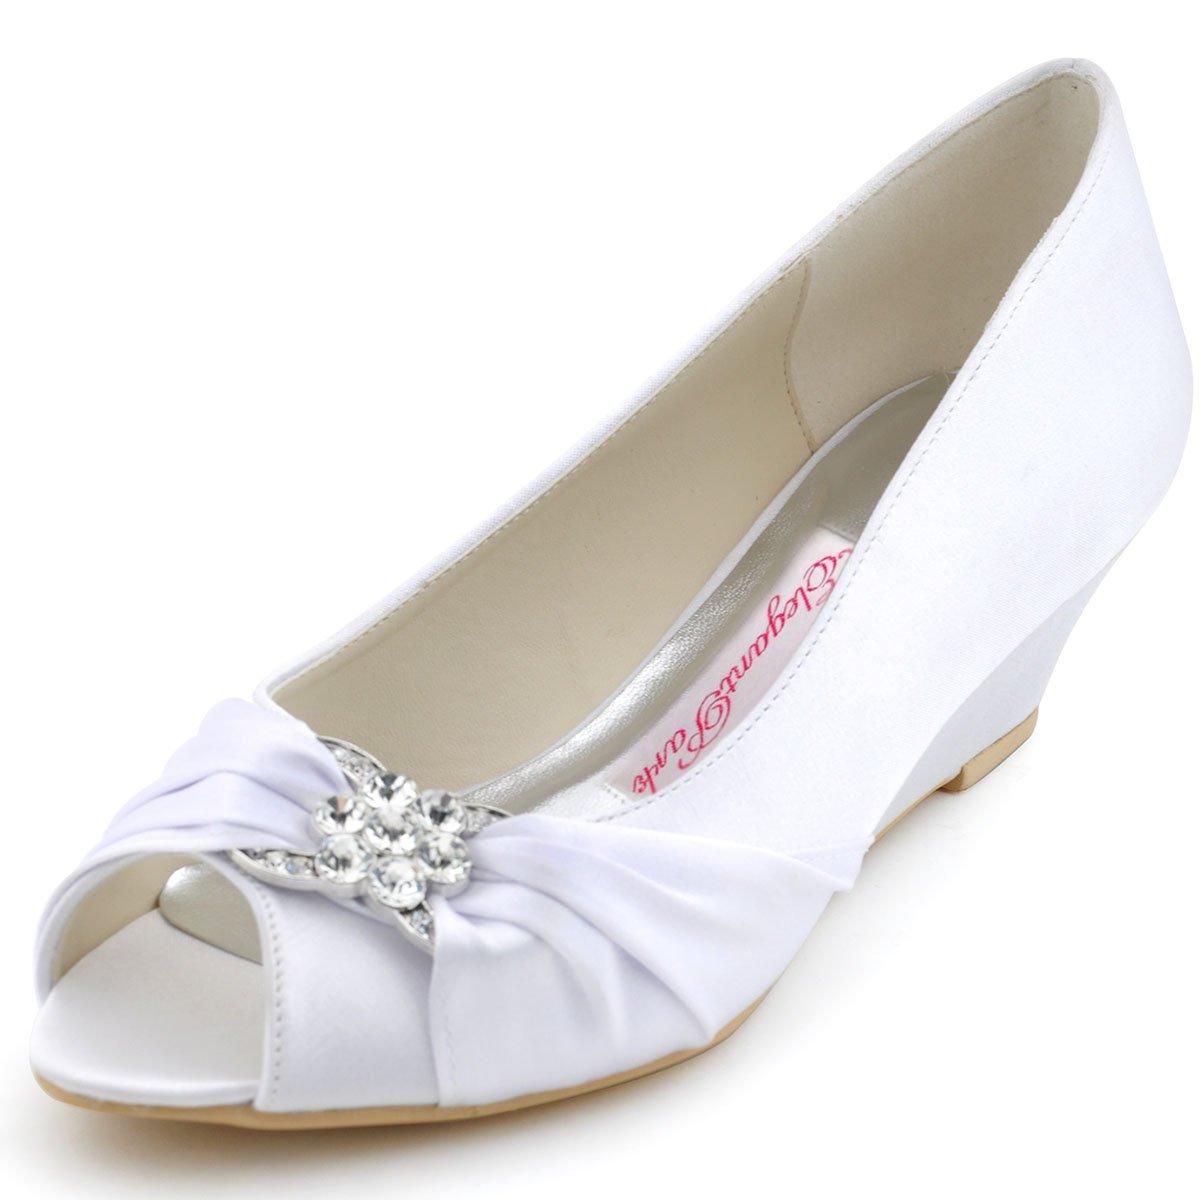 ElegantPark WP1403 Punta abierta zapatos de cua Buckles raso zapatos de novia Mujer 36 EU blanco